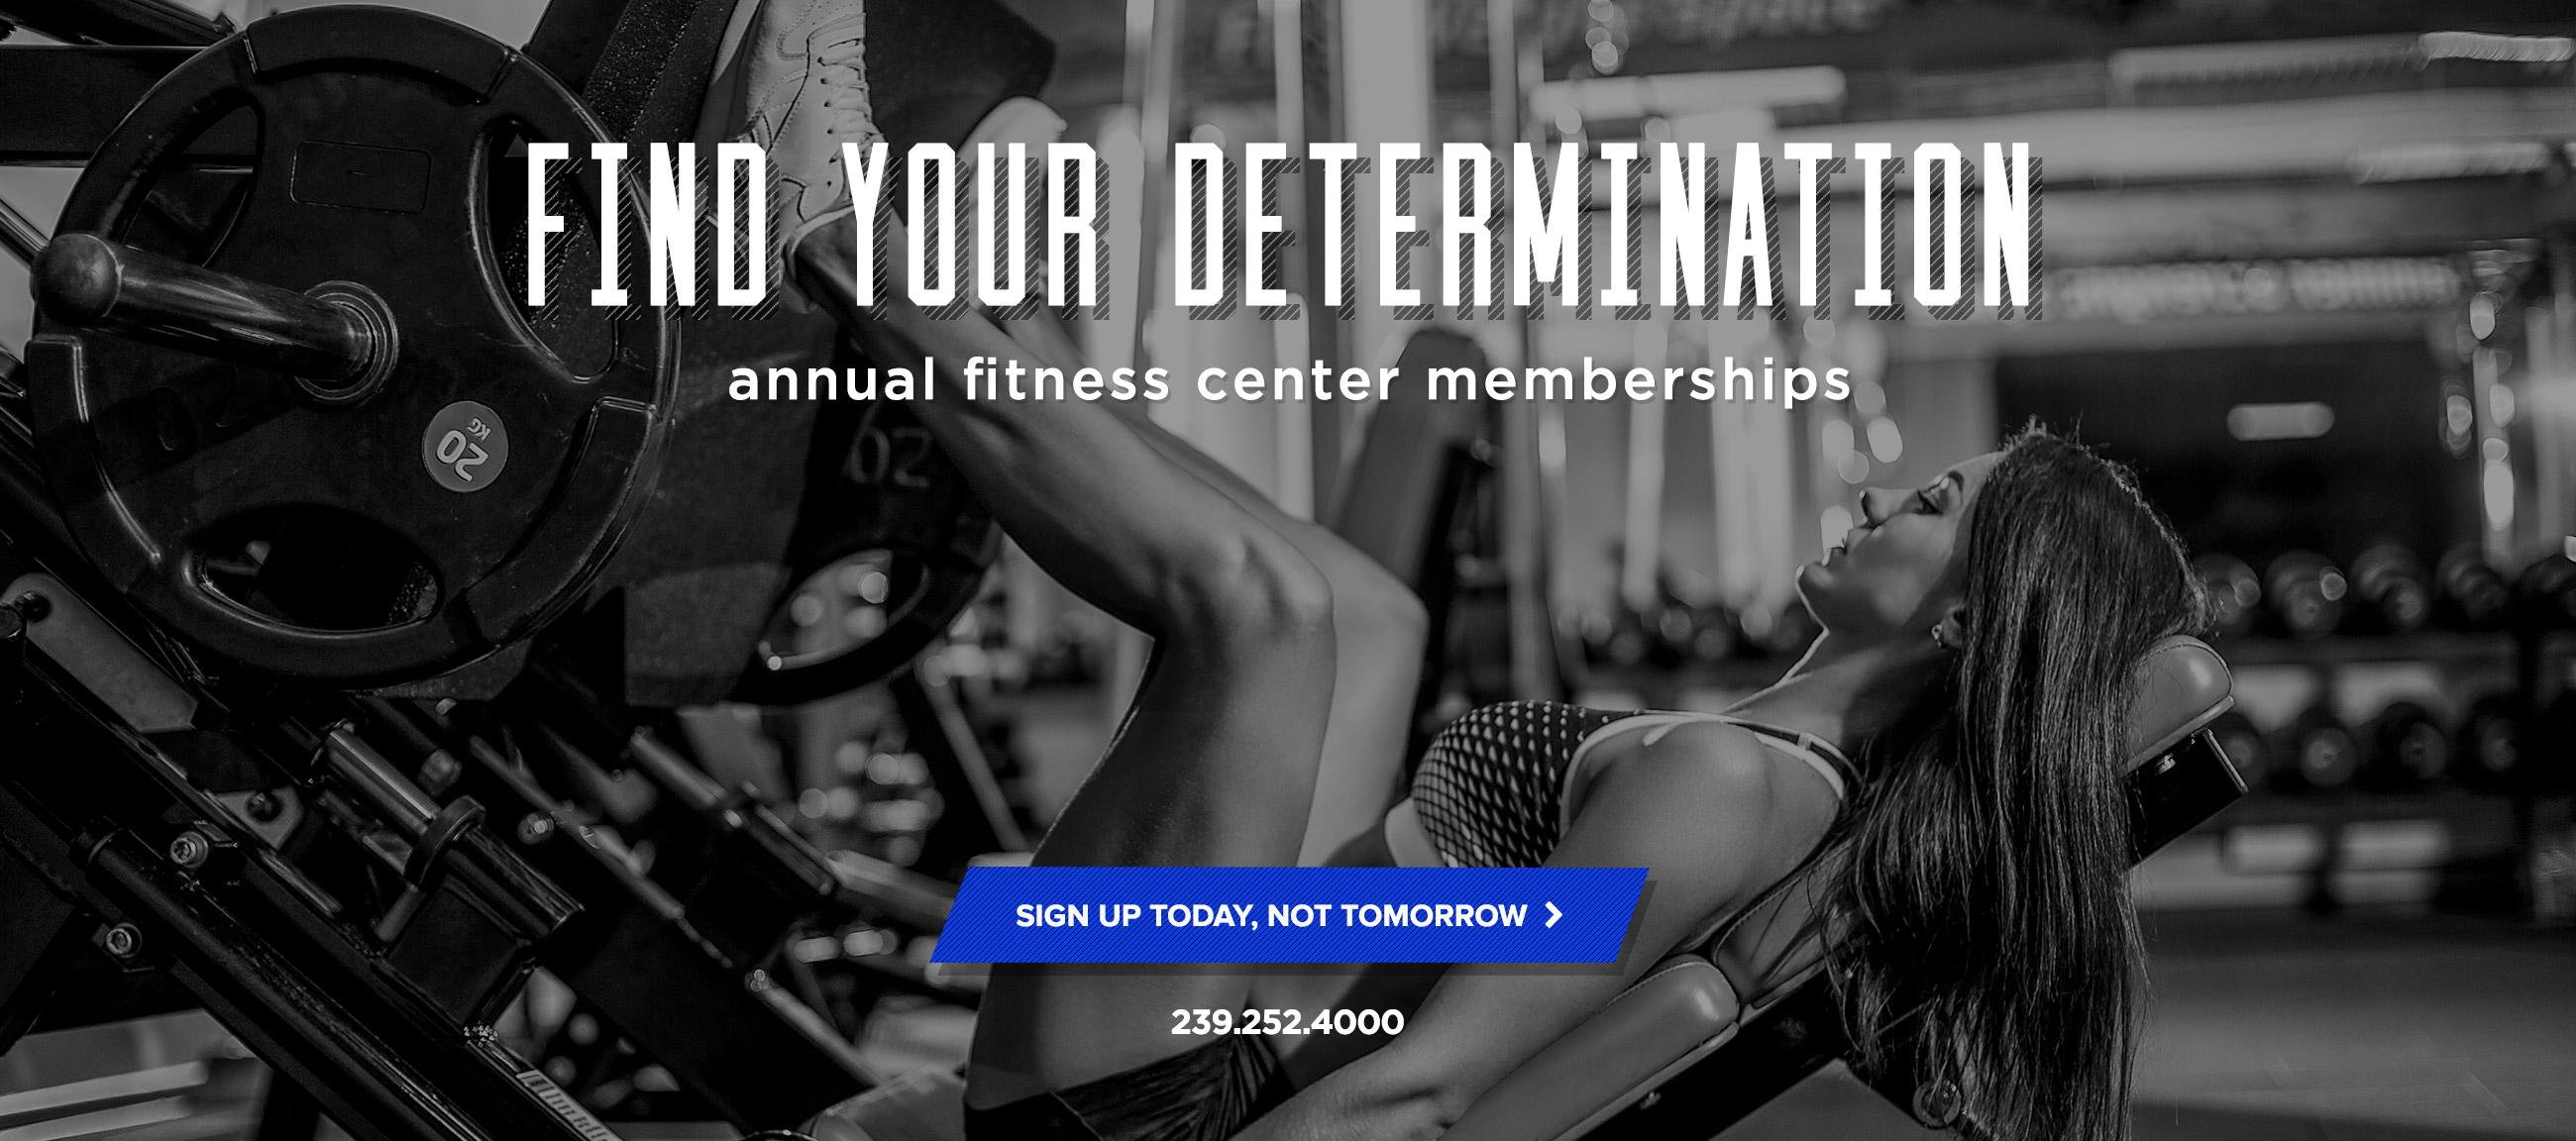 Find Your Determination